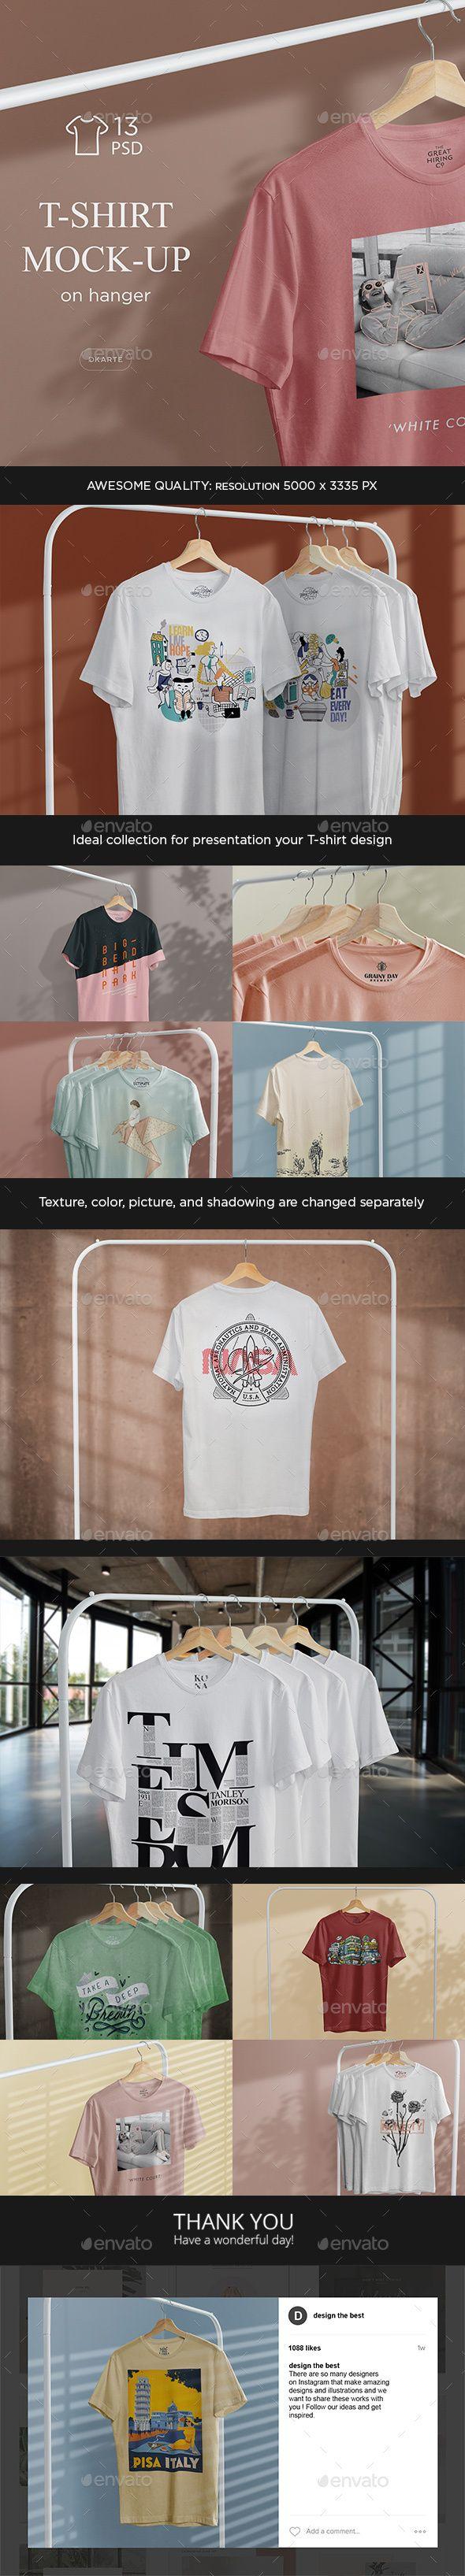 Download T Shirt Mock Up On Hanger Tshirt Mockup Clothing Mockup Mocking